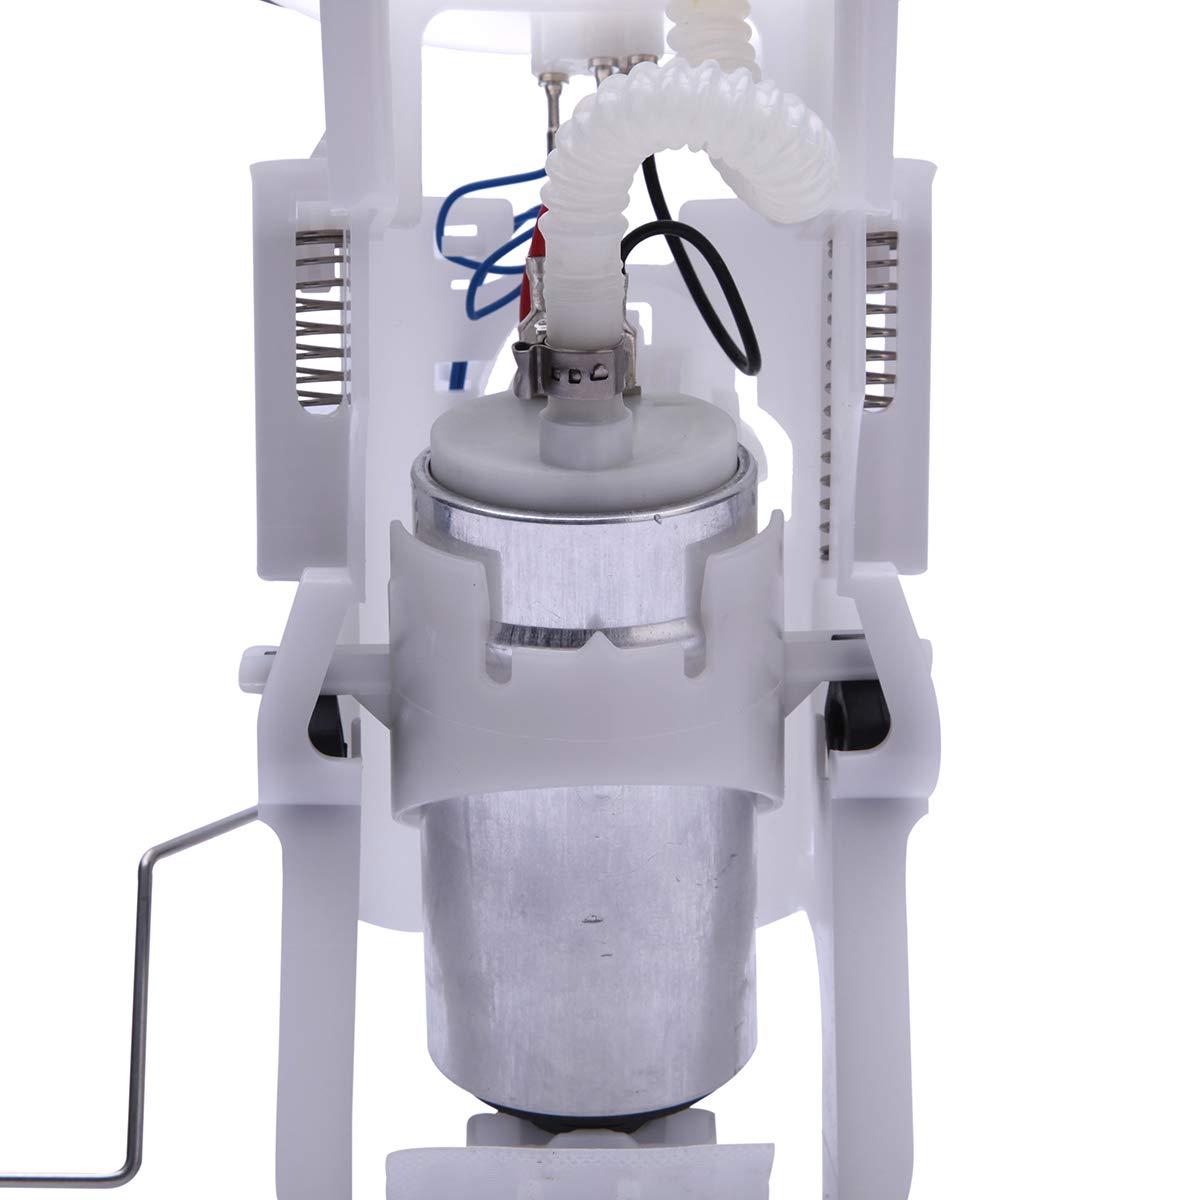 Kraftstoffpumpe Benzinpumpe F/örderpumpe f/ür 3er E46 Alle Bodystyle mit Anbaumaterial 16146752499